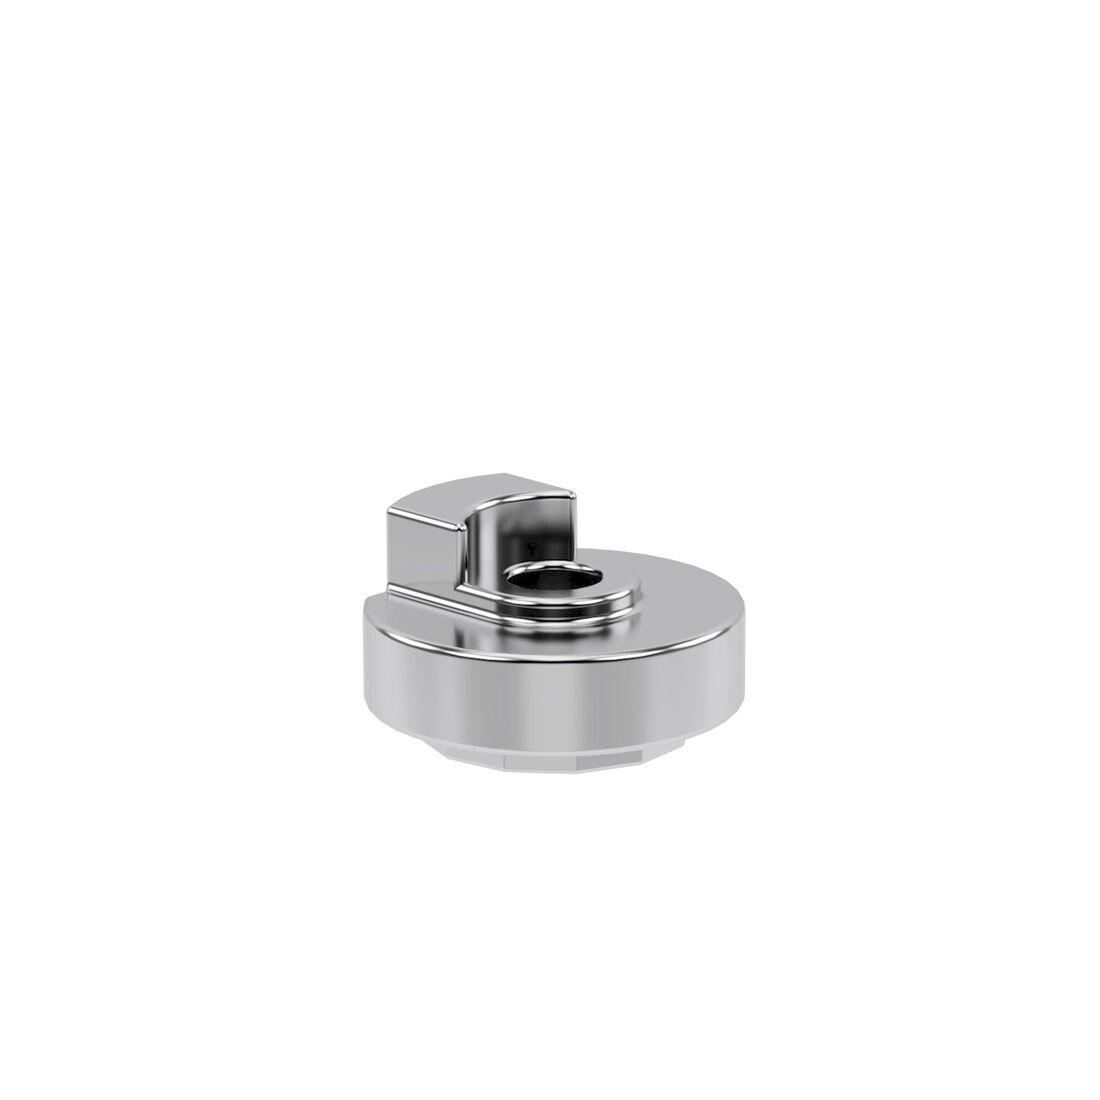 CYBEX Abstandshalter für Schnellspannachsen  6 mm in Silver - 6mm large Bild 1